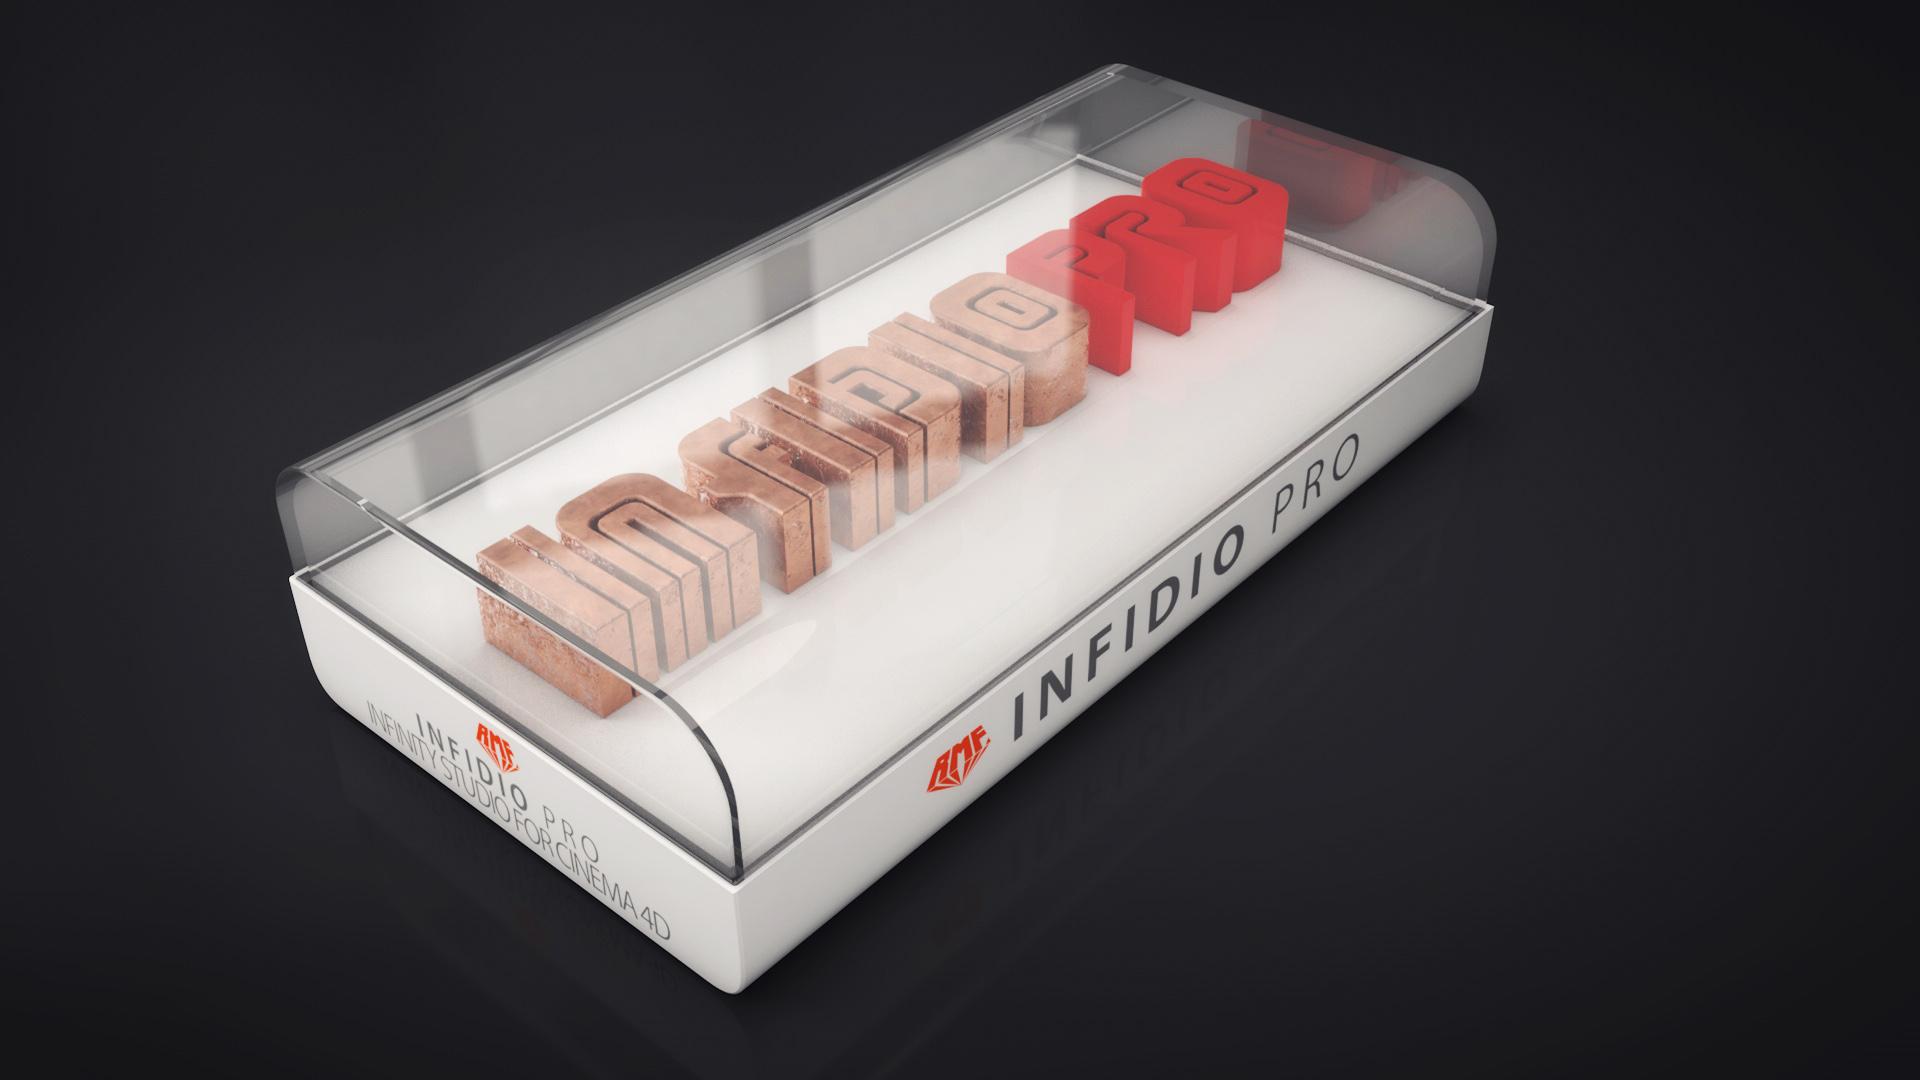 Infidio Pro Box 1080_processed